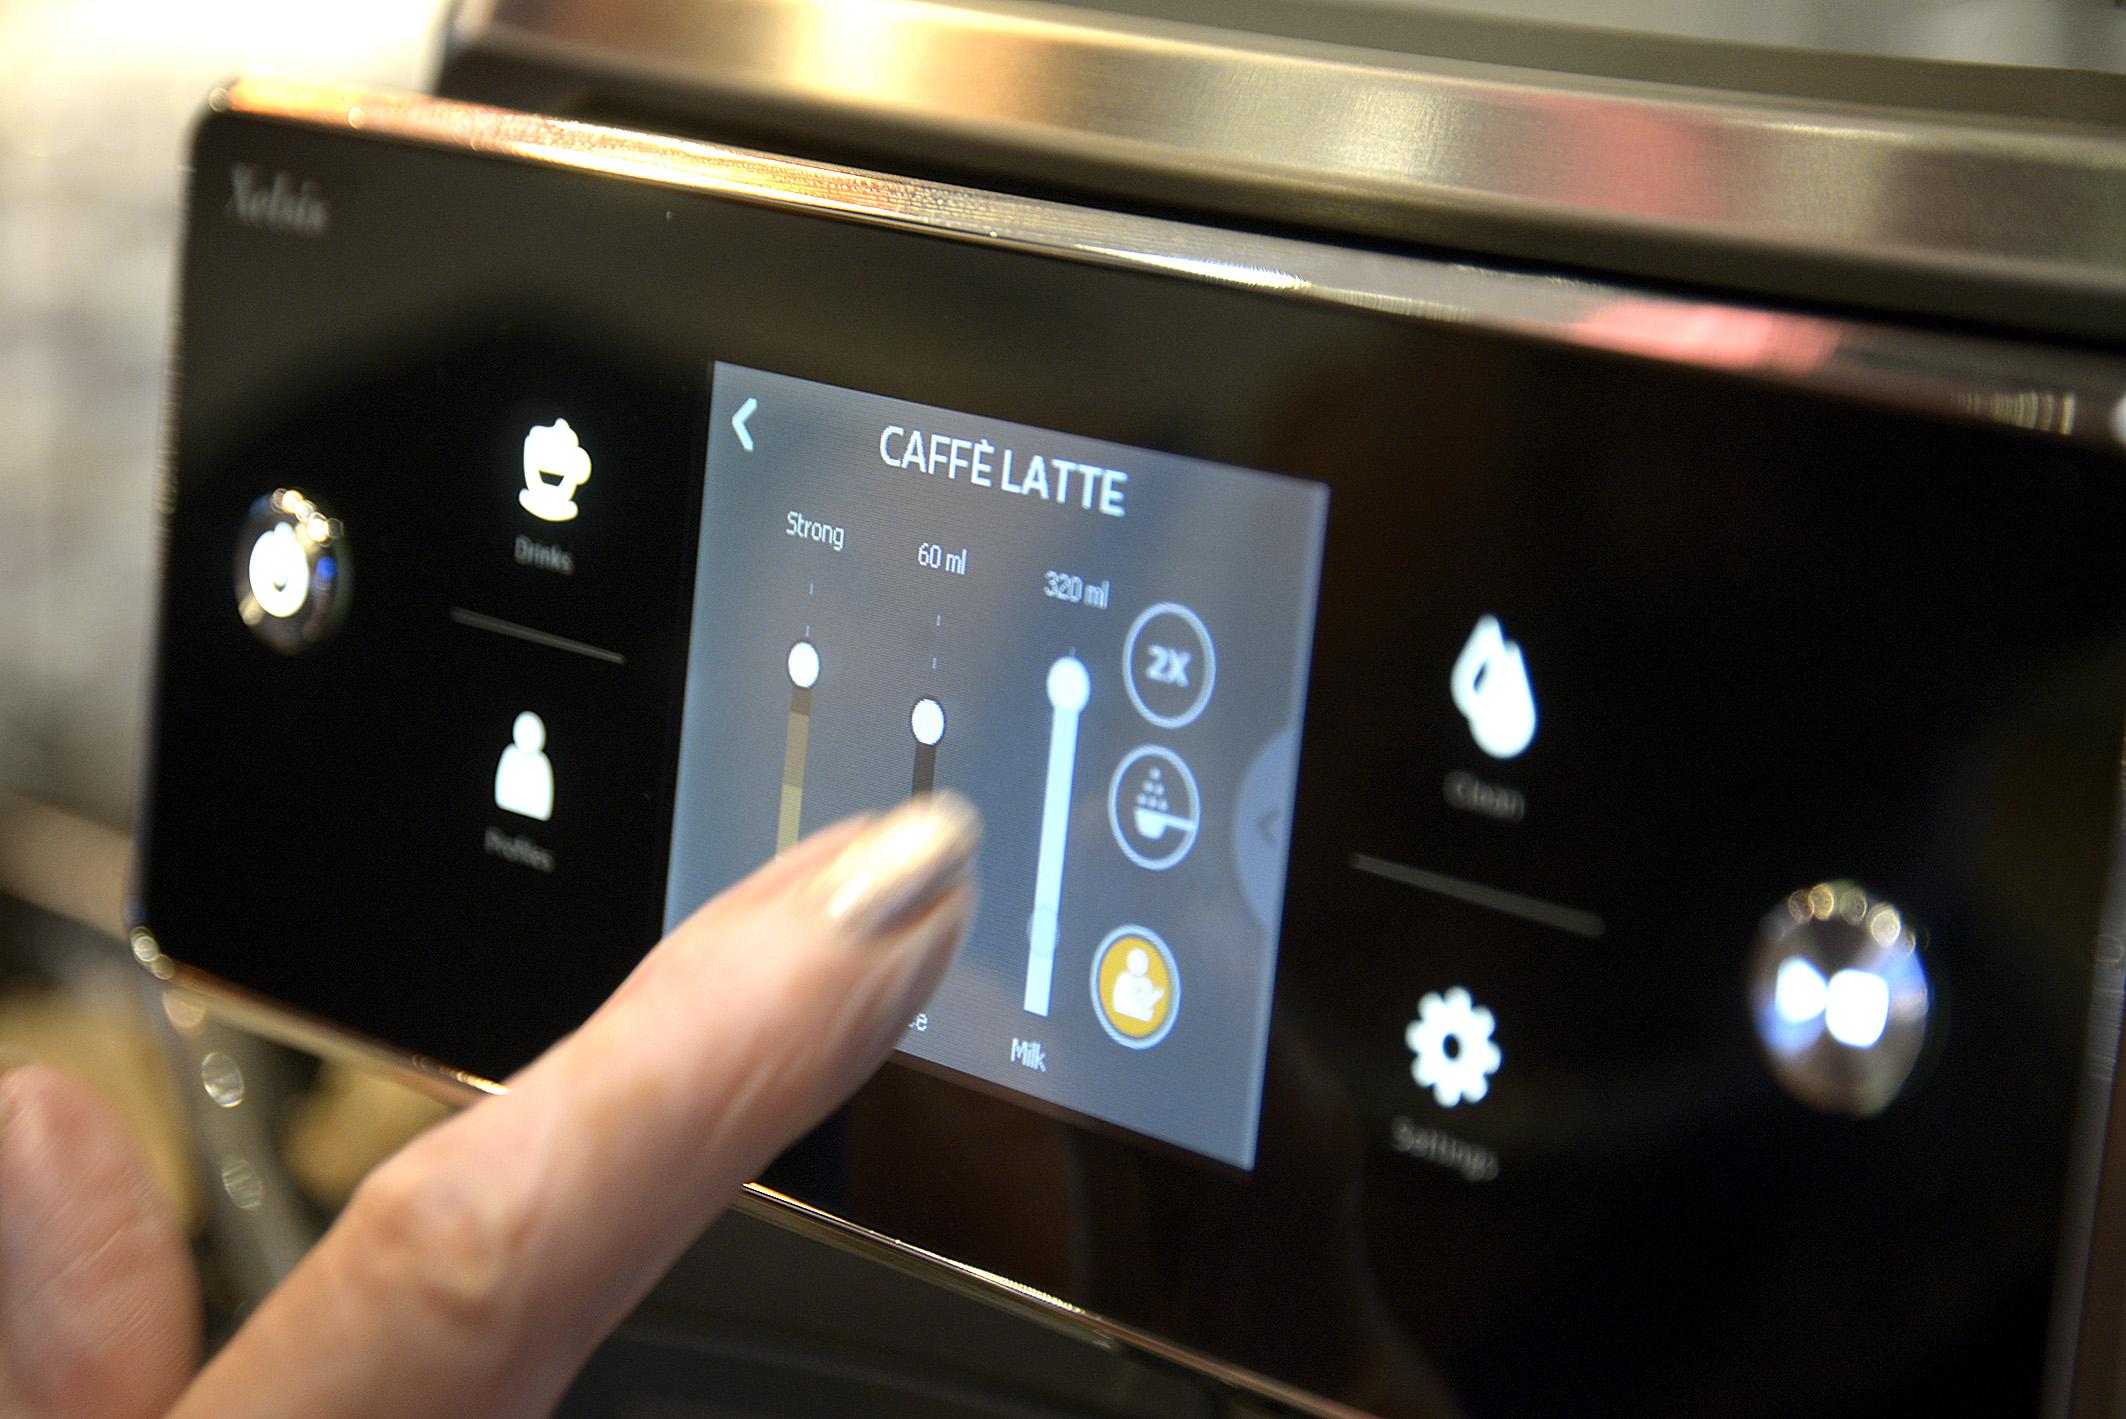 """Foto: Michael B. Rehders Jedwede Kaffee-Variation lässt sich mit diesem Kaffee-Vollautomaten für 1200,- Euro kreieren. Kaffeestärke, Milchschaumfestigkeit, Mischverhältnis. Und das lässt sich auch noch abspeichern. Wer auf der IFA dort ist und auf """"Vater"""" drückt, der erfährt wie ich meinen Kaffee mag. Zur Verblüffung der Mitarbeiterin von Philips habe ich einfach mal meine Einstellung gespeichert."""